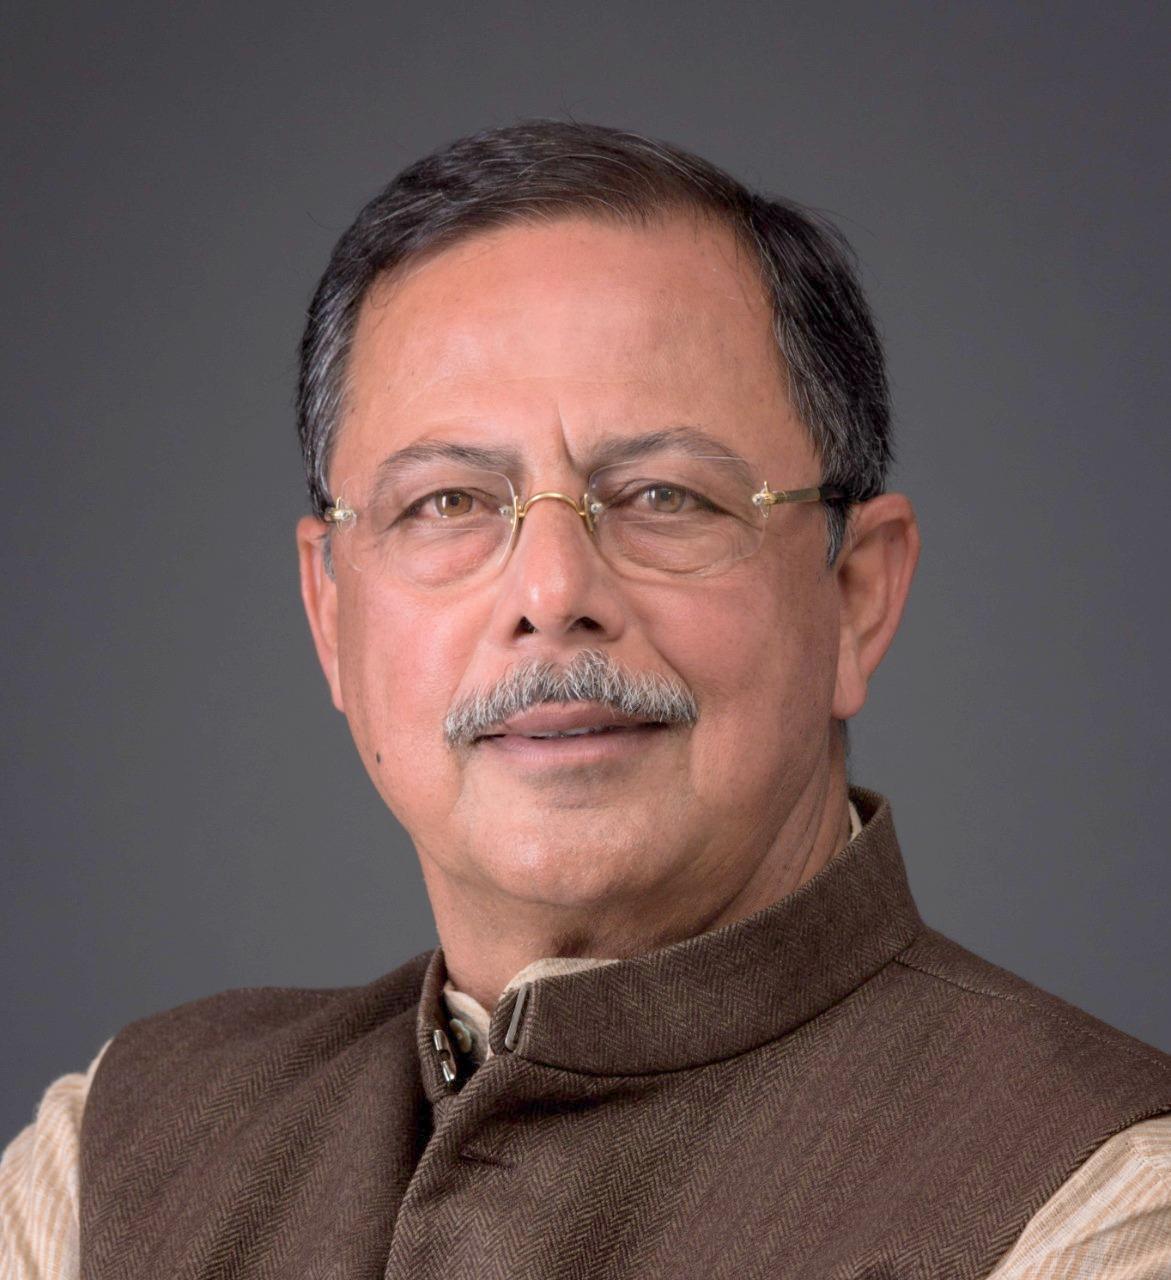 मैं कांग्रेसी था हूँ और रहूँगा,  सौजन्यता और सदभाव लोकतंत्र का हिस्सा हैं - अजय सिंह